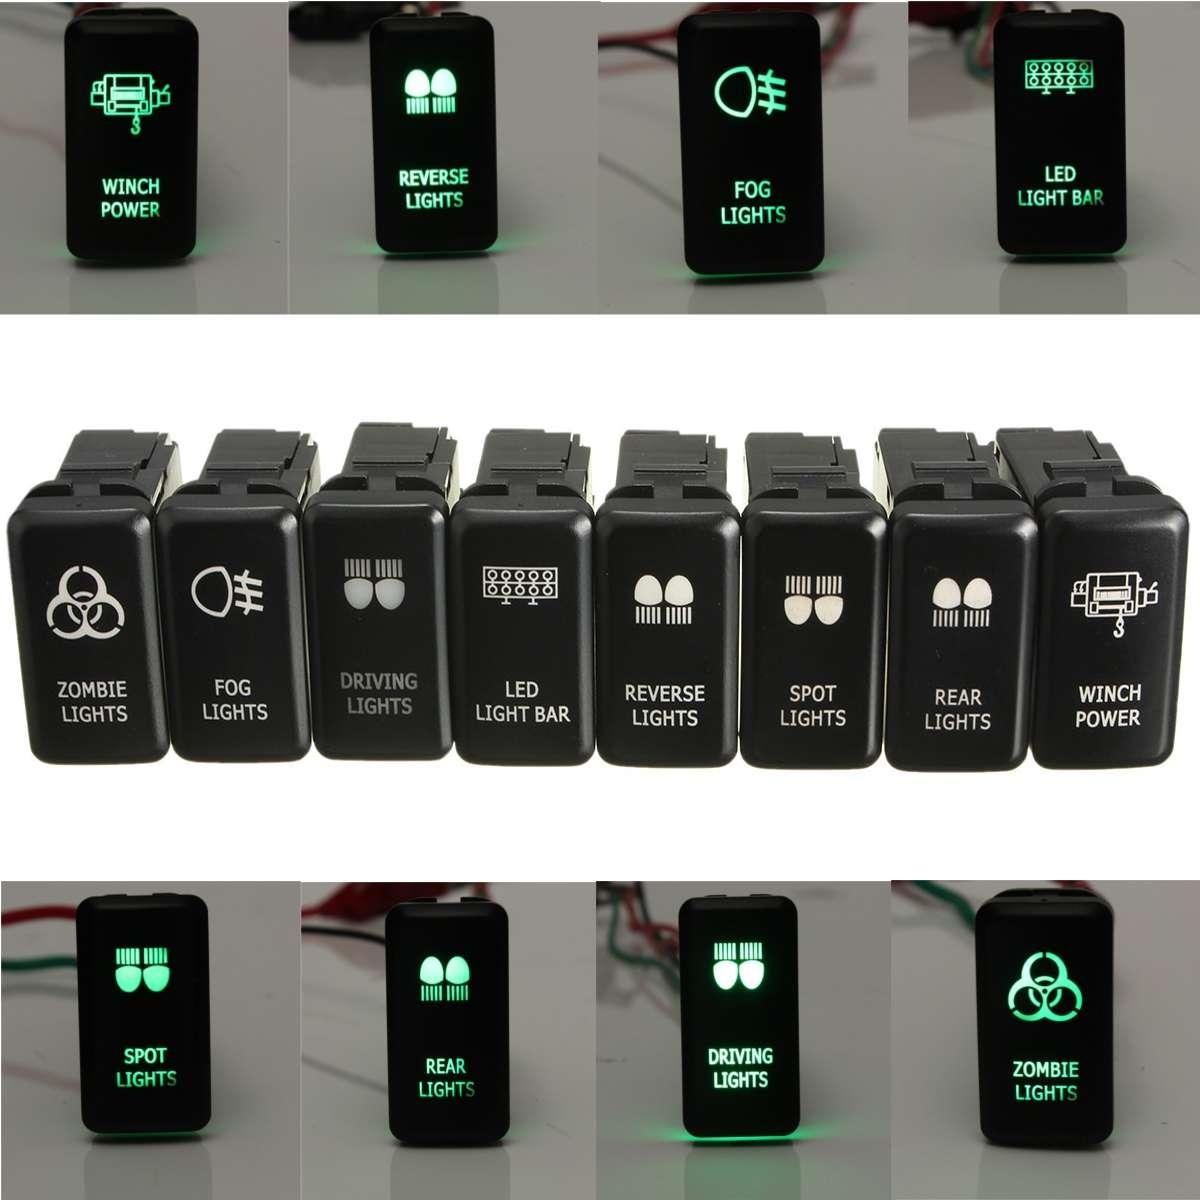 12 فولت الأخضر LED OEM استبدال دفع التبديل لتويوتا لاندكروزر هايلكس برادو 120 سلسلة 2003-2009 مصباح ليد بار القيادة الخفيفة